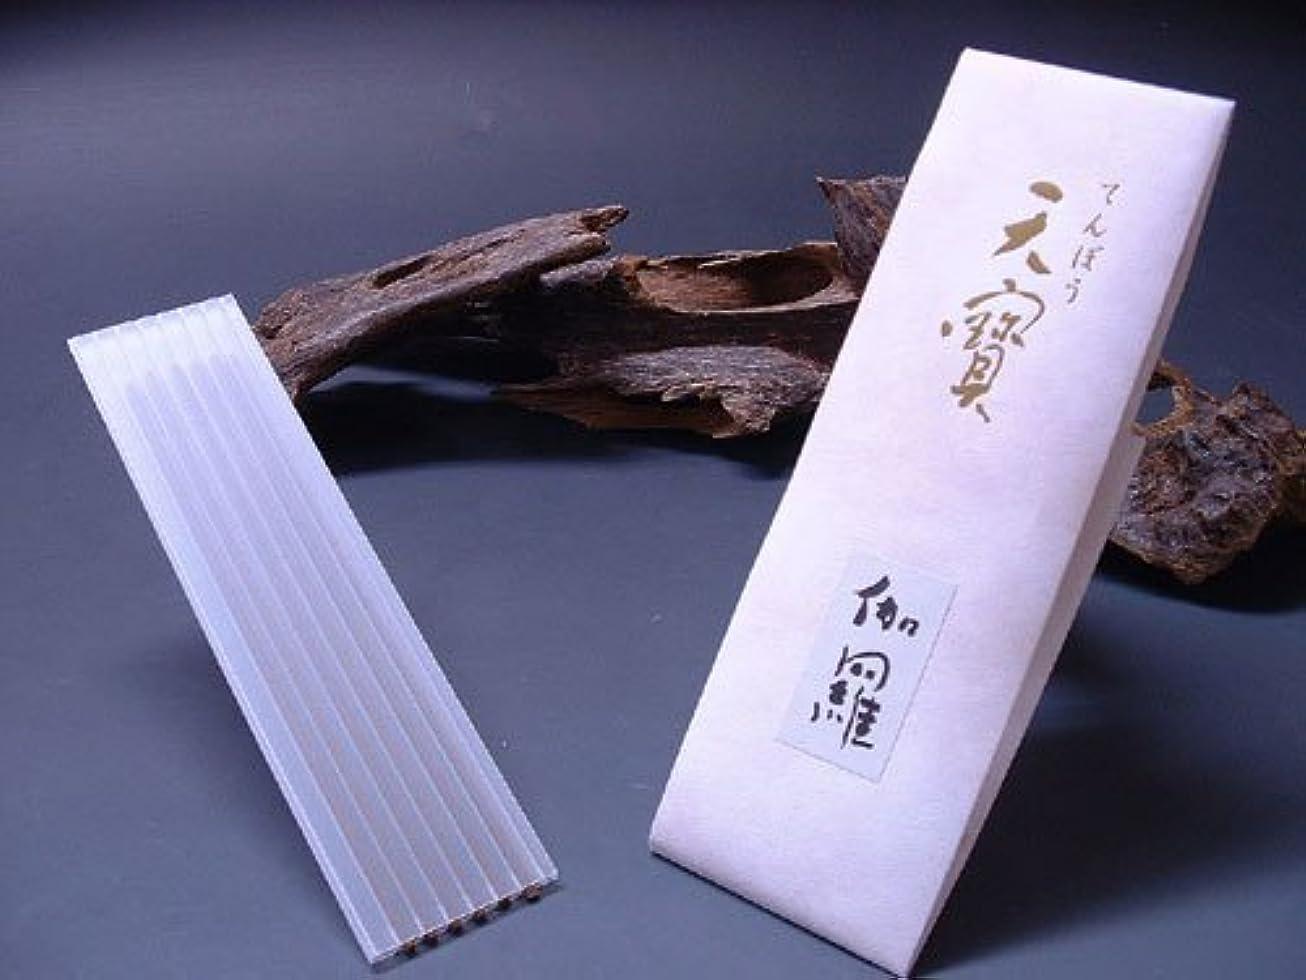 マイナスレンダリング一流薫寿堂のお香 天寶 伽羅 たとう紙 6本入